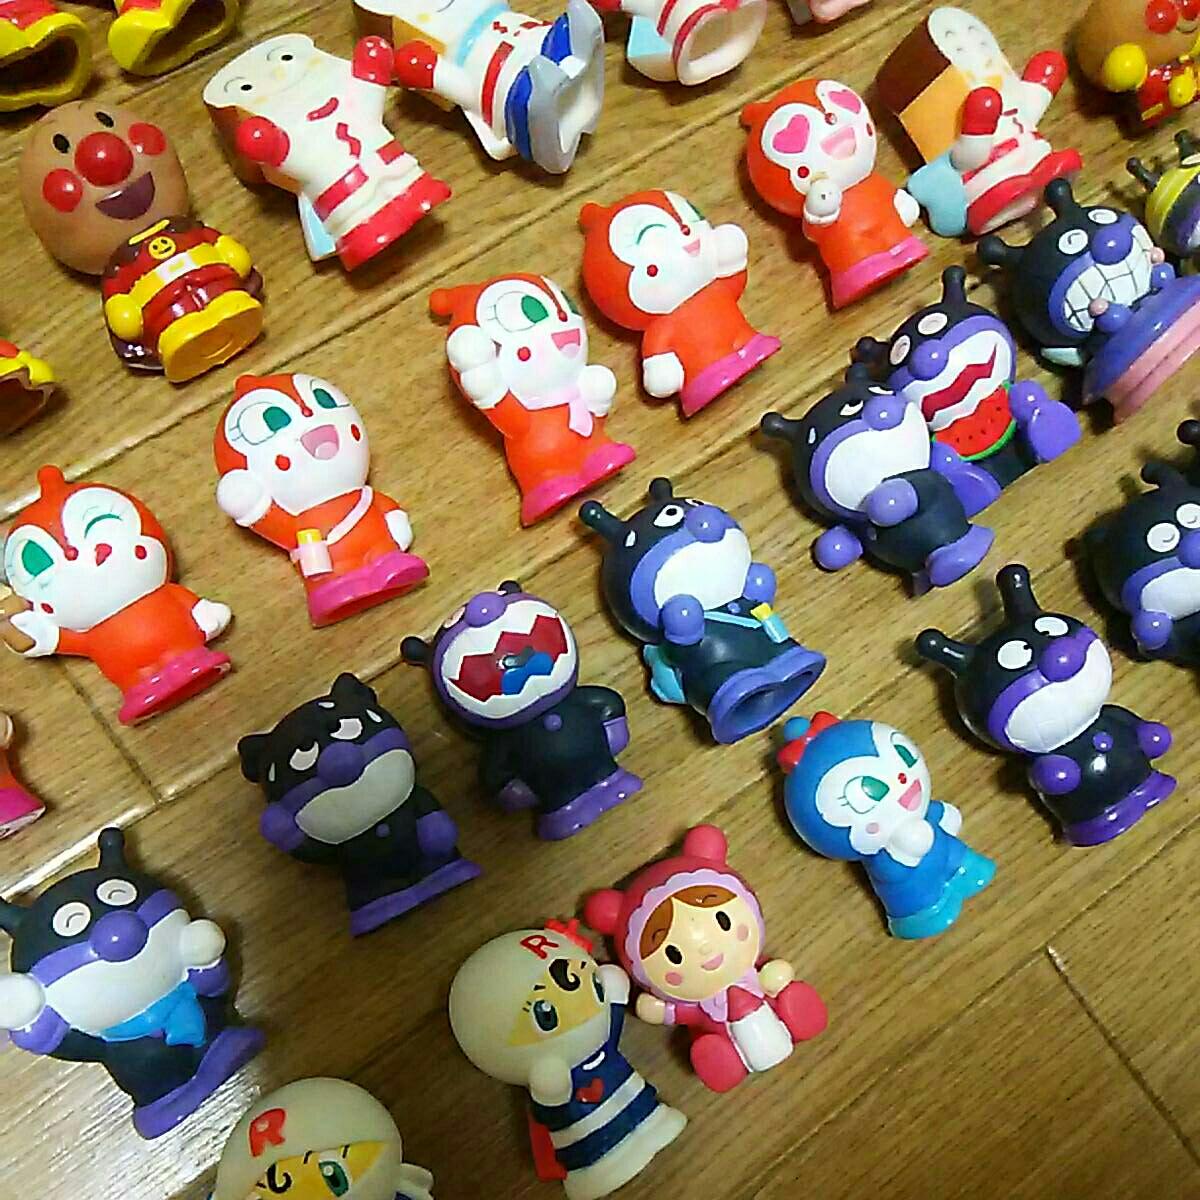 ダブリなしアンパンマン指人形他フィギュア106体セット ソフビ マスコットキャラクターやなせたかし まとめて まとめ売り大量 たくさんミニ_画像10